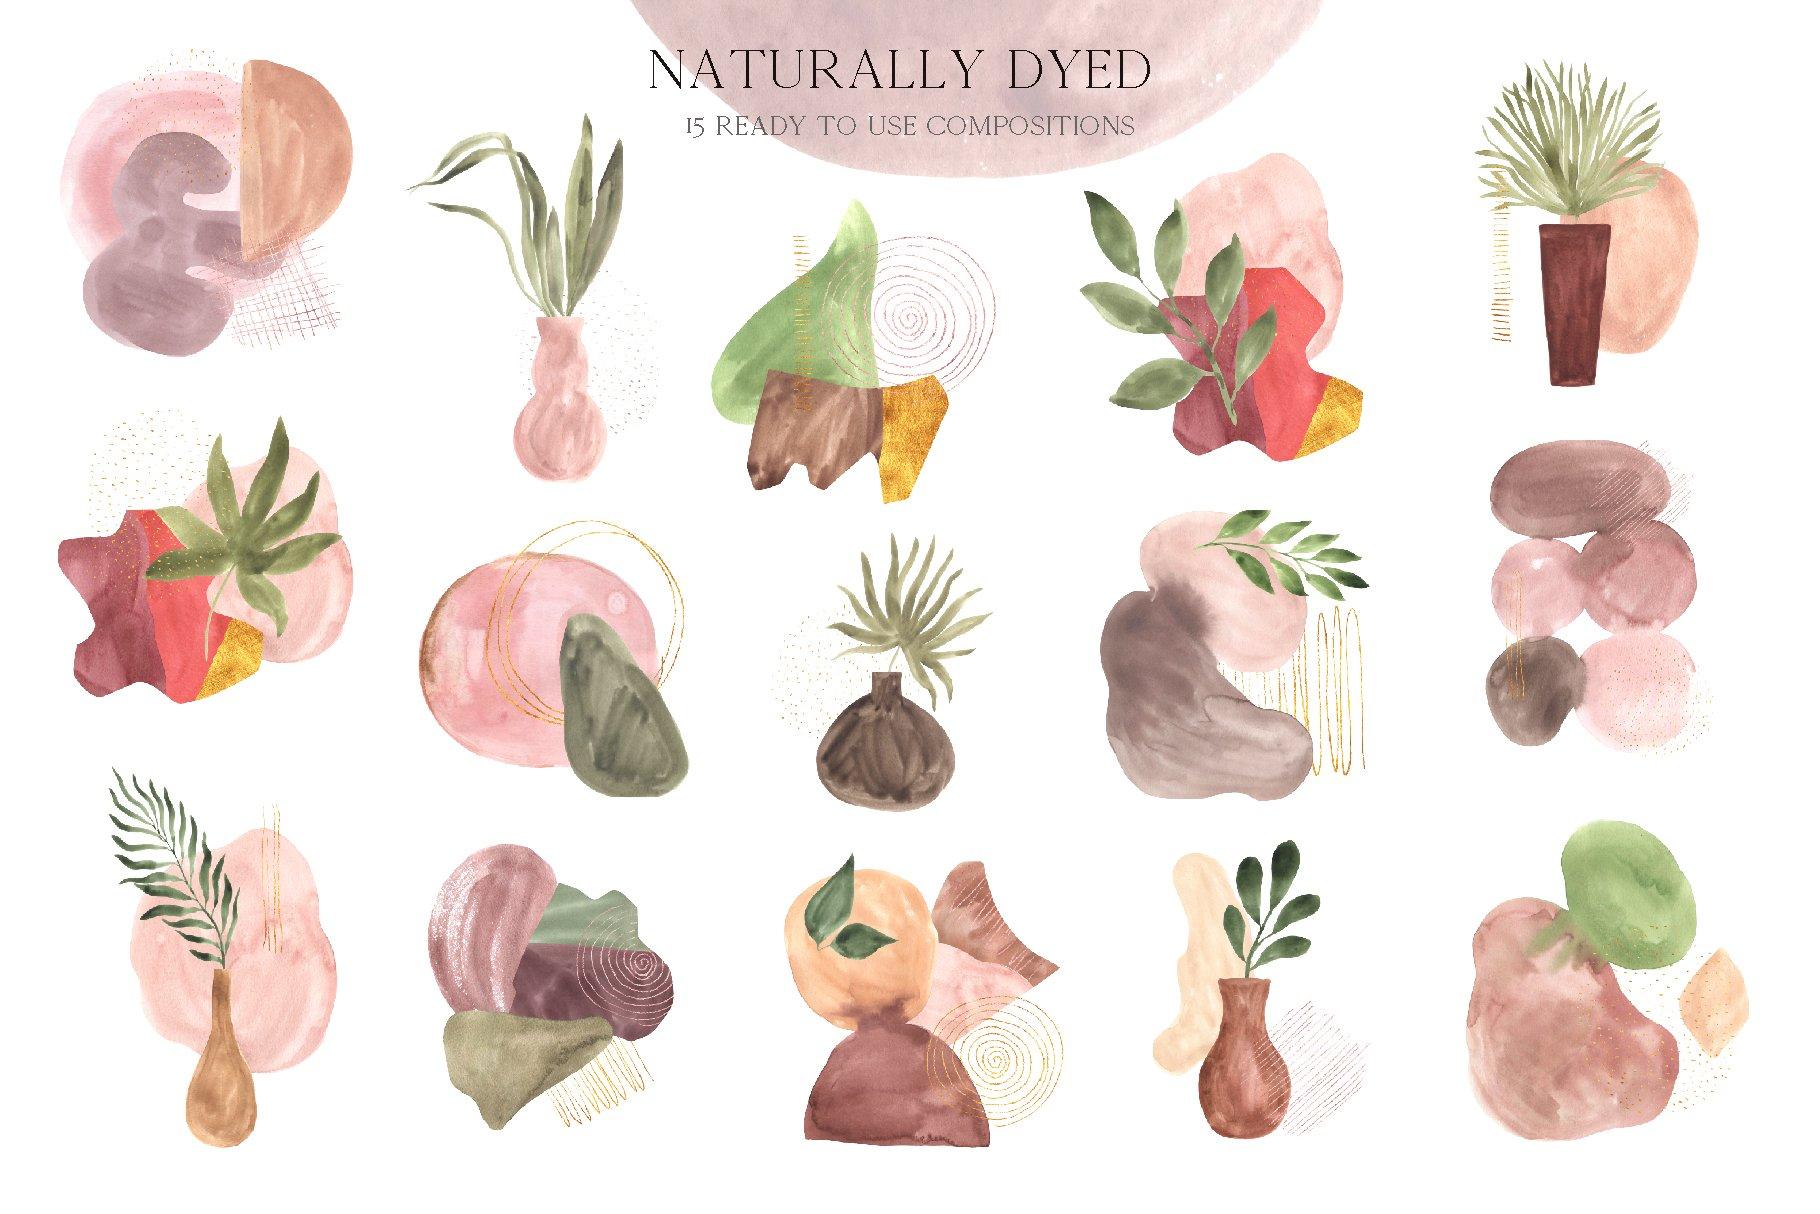 现代抽象水彩手绘植物花卉图案插画PNG免扣图片素材 Abstract Modern Watercolor Bundle插图(4)